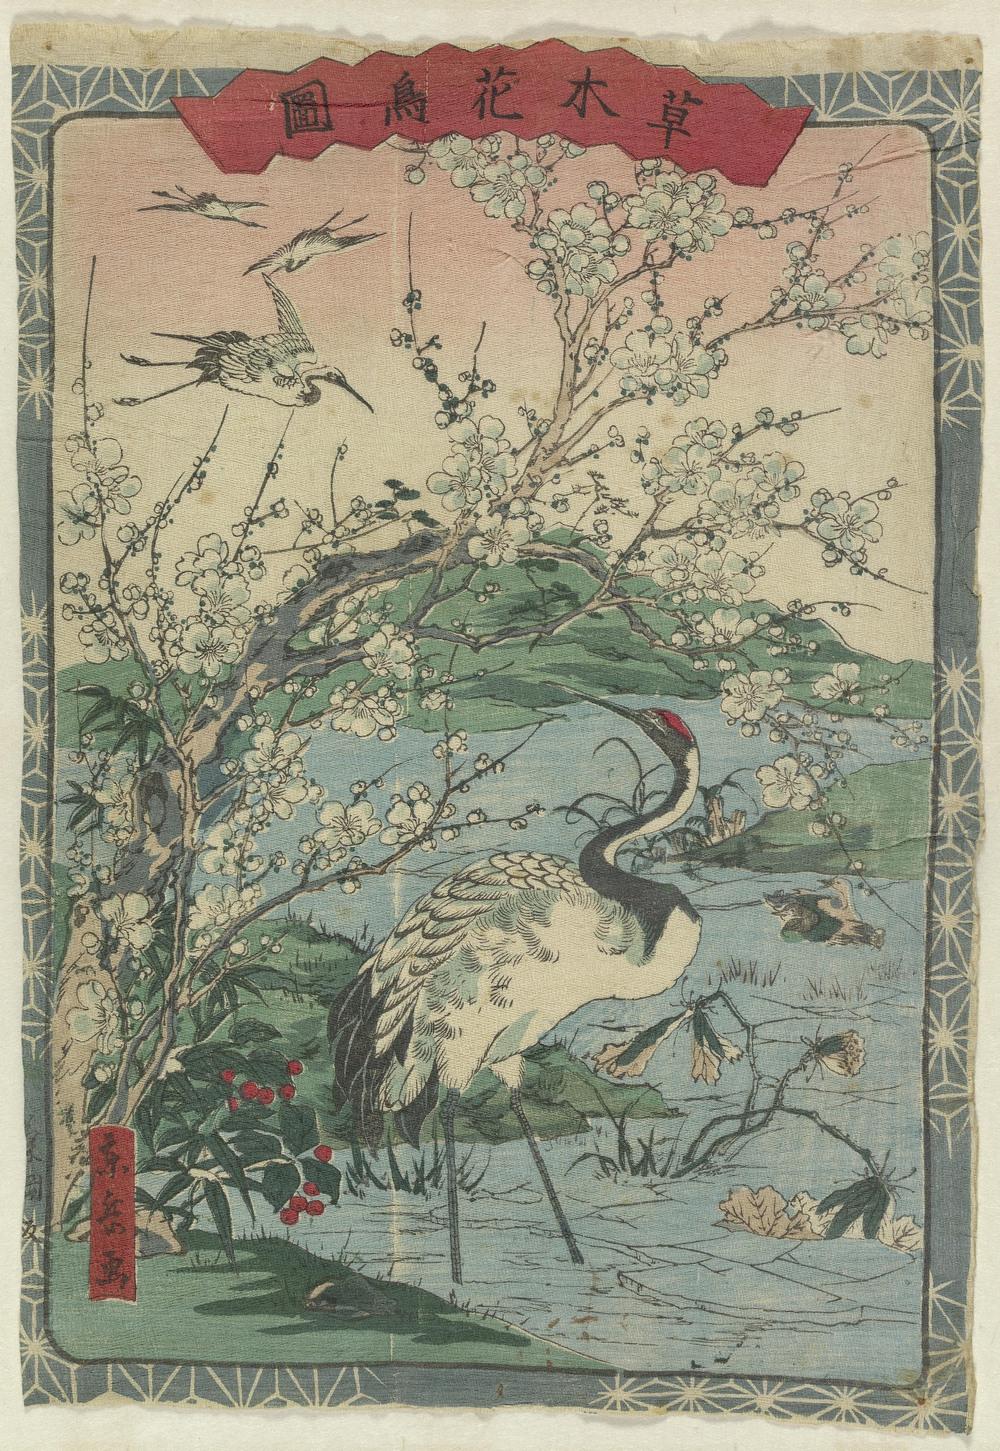 Особым спросом гравюры пользовались у японцев среднего класса, которые украшали ими стены. А после Р